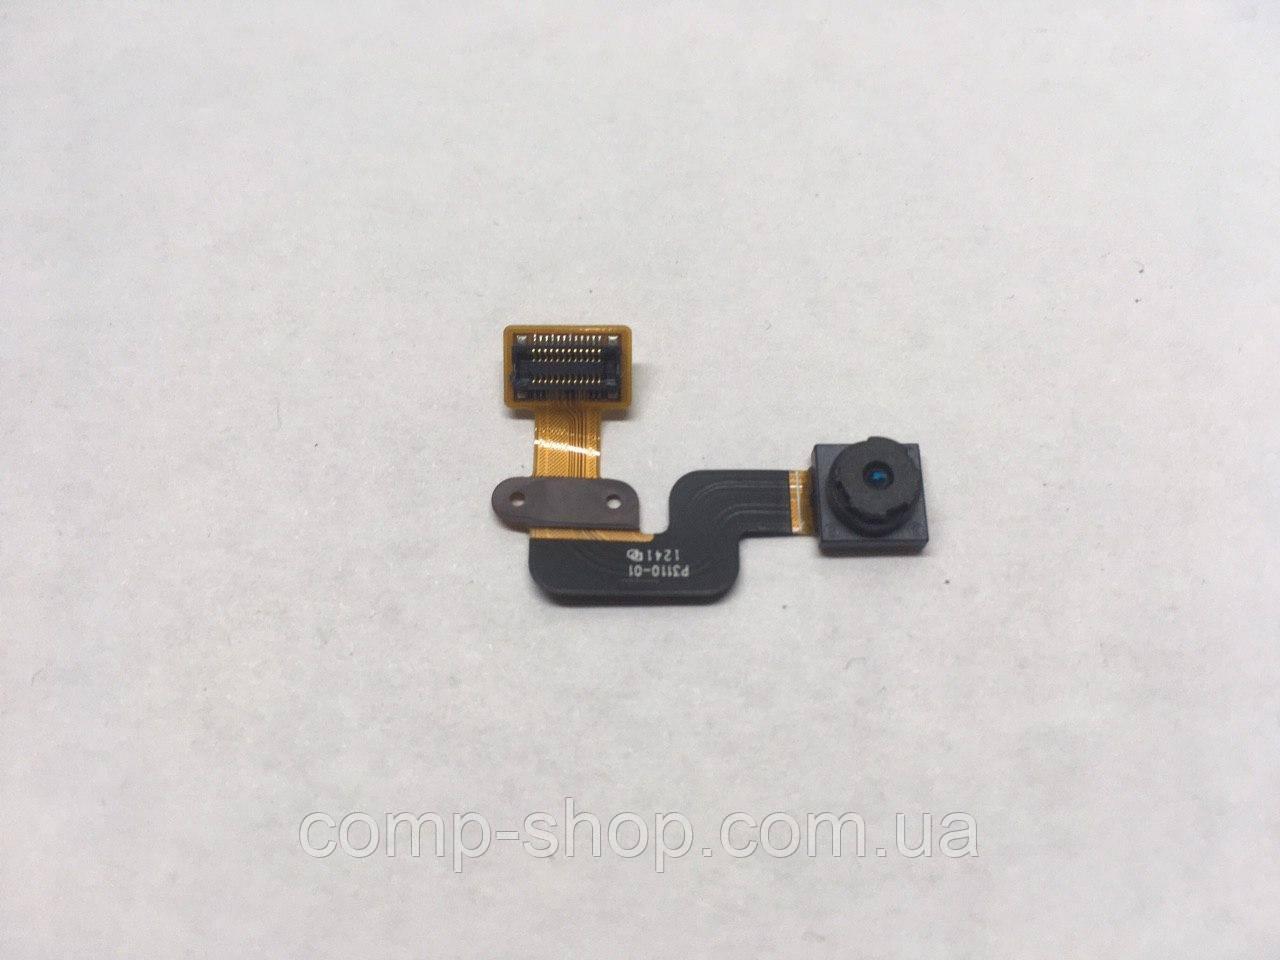 БУ Камера для SAMSUNG TAB P3110-01 1241